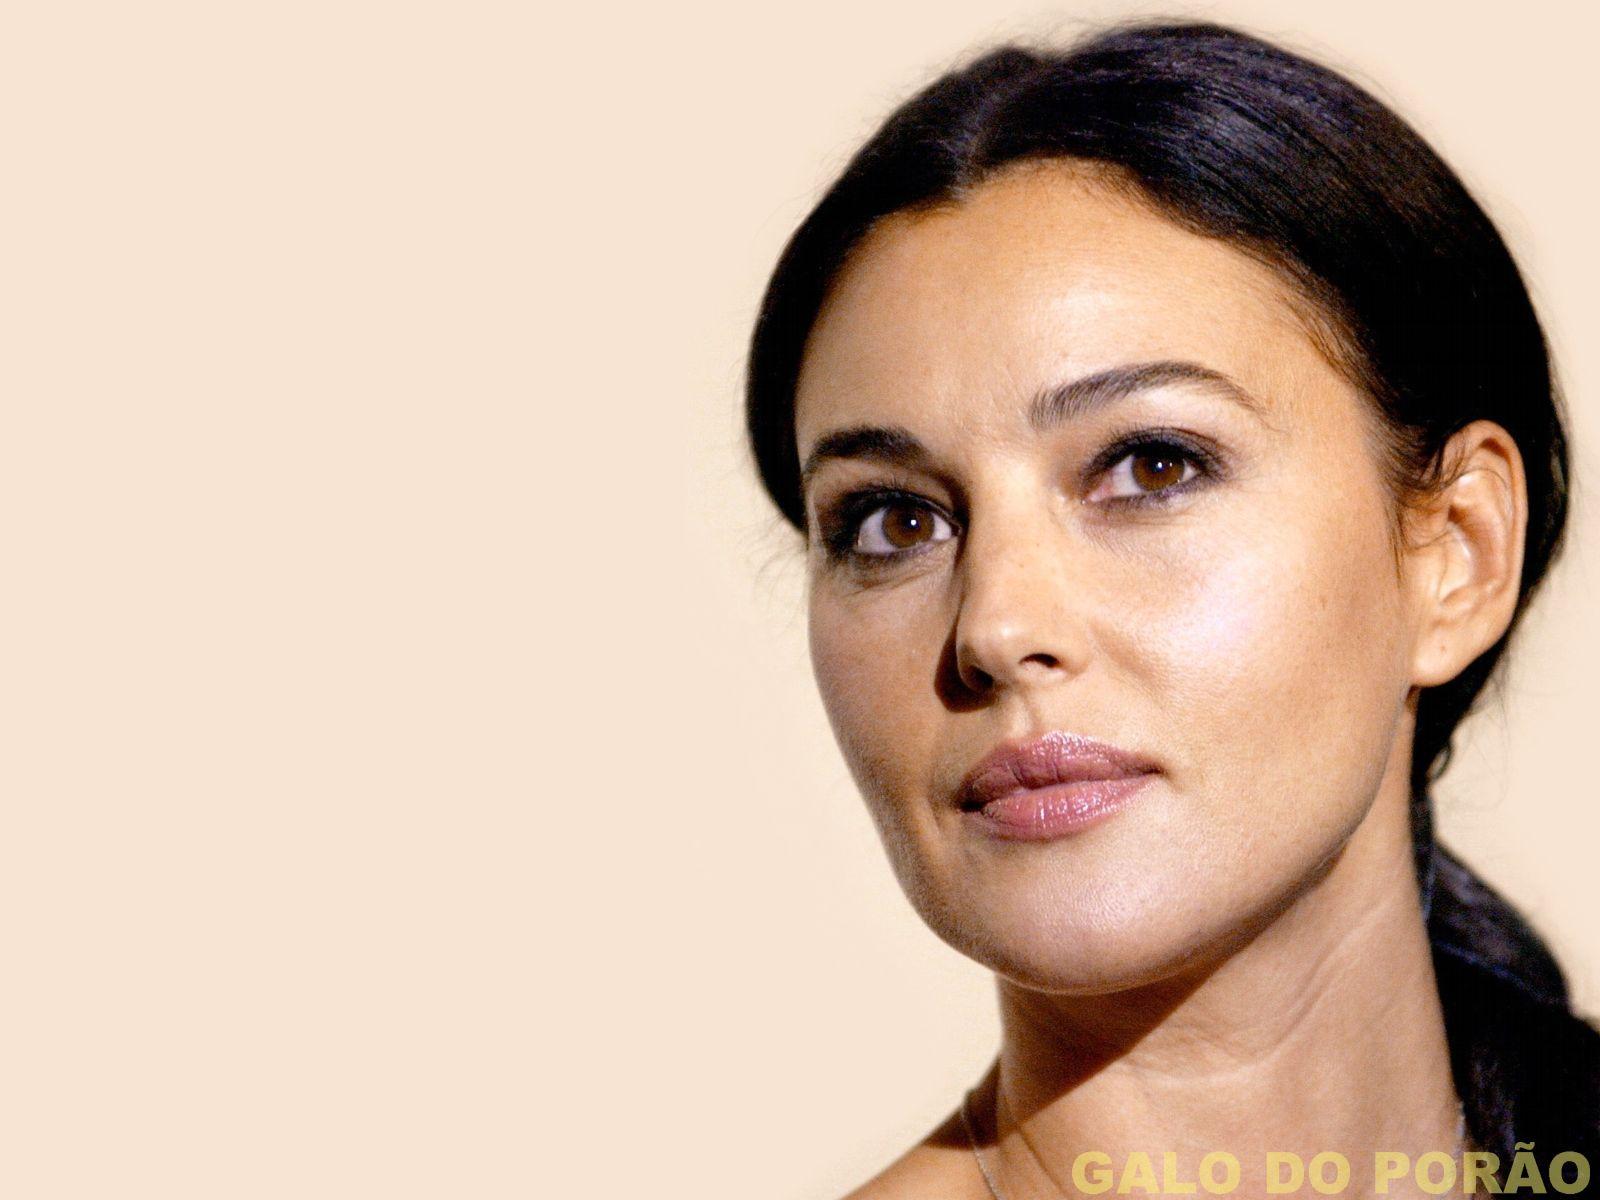 http://4.bp.blogspot.com/_6QURoNy4-5k/TK9QhXCJ7gI/AAAAAAAAIDI/M3a_URTnLlU/s1600/Monica+Bellucci.jpg